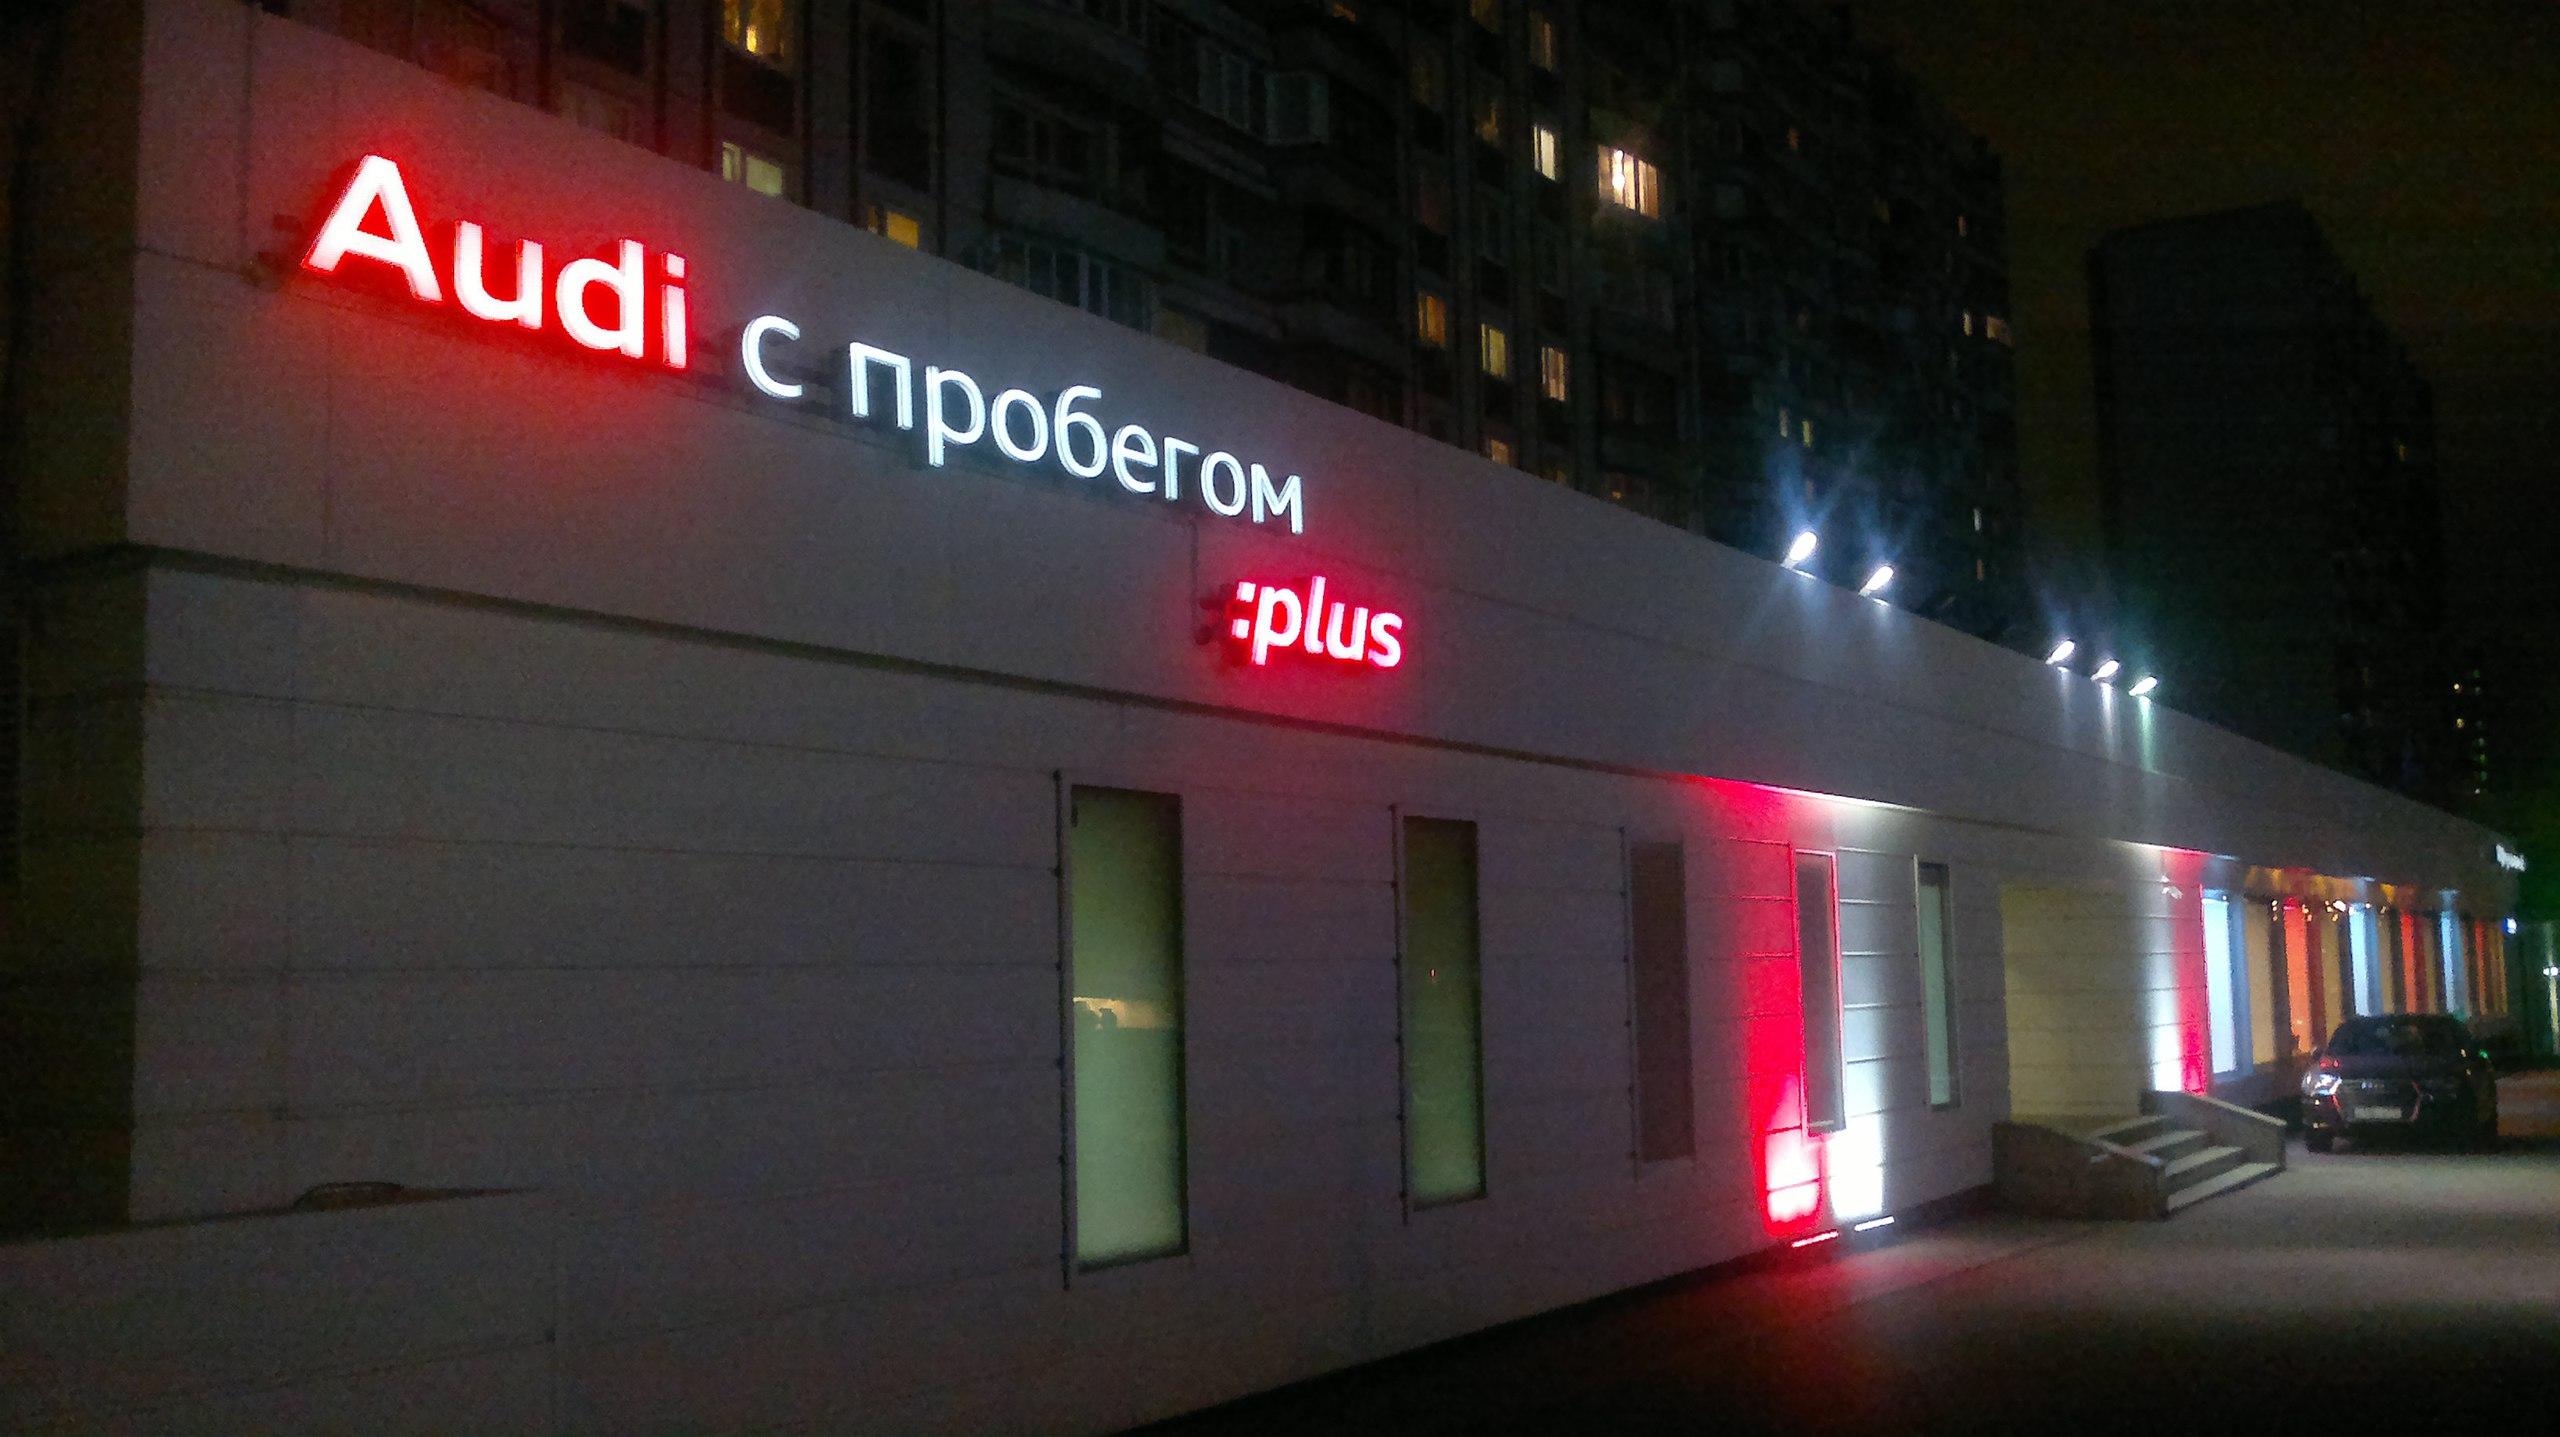 Техническое обеспечение мероприятия для AUDI